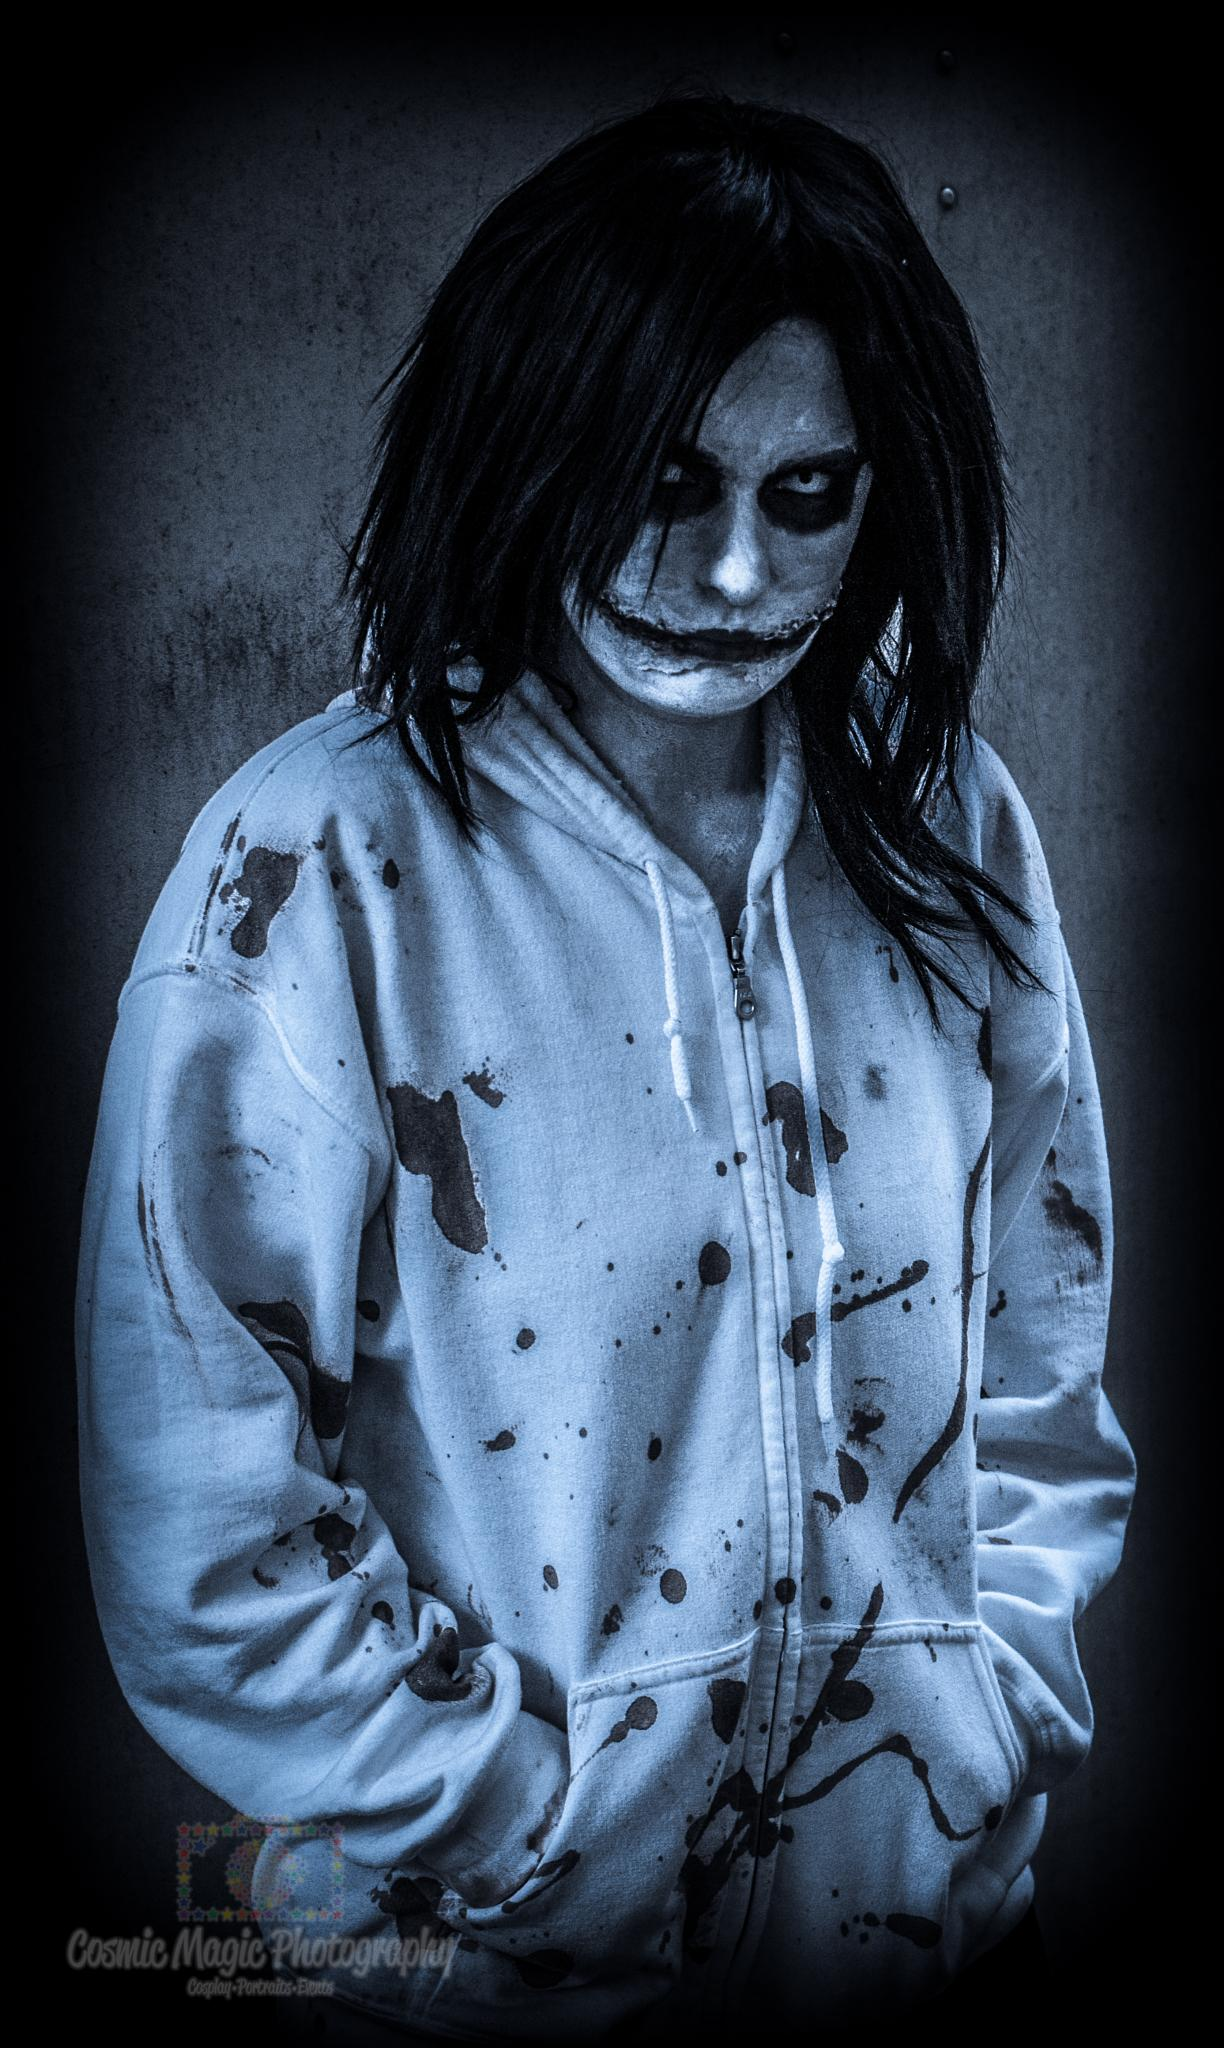 Creepypasta - Jeff The Killer @ Hoshicon 2015 by Gina Adkins